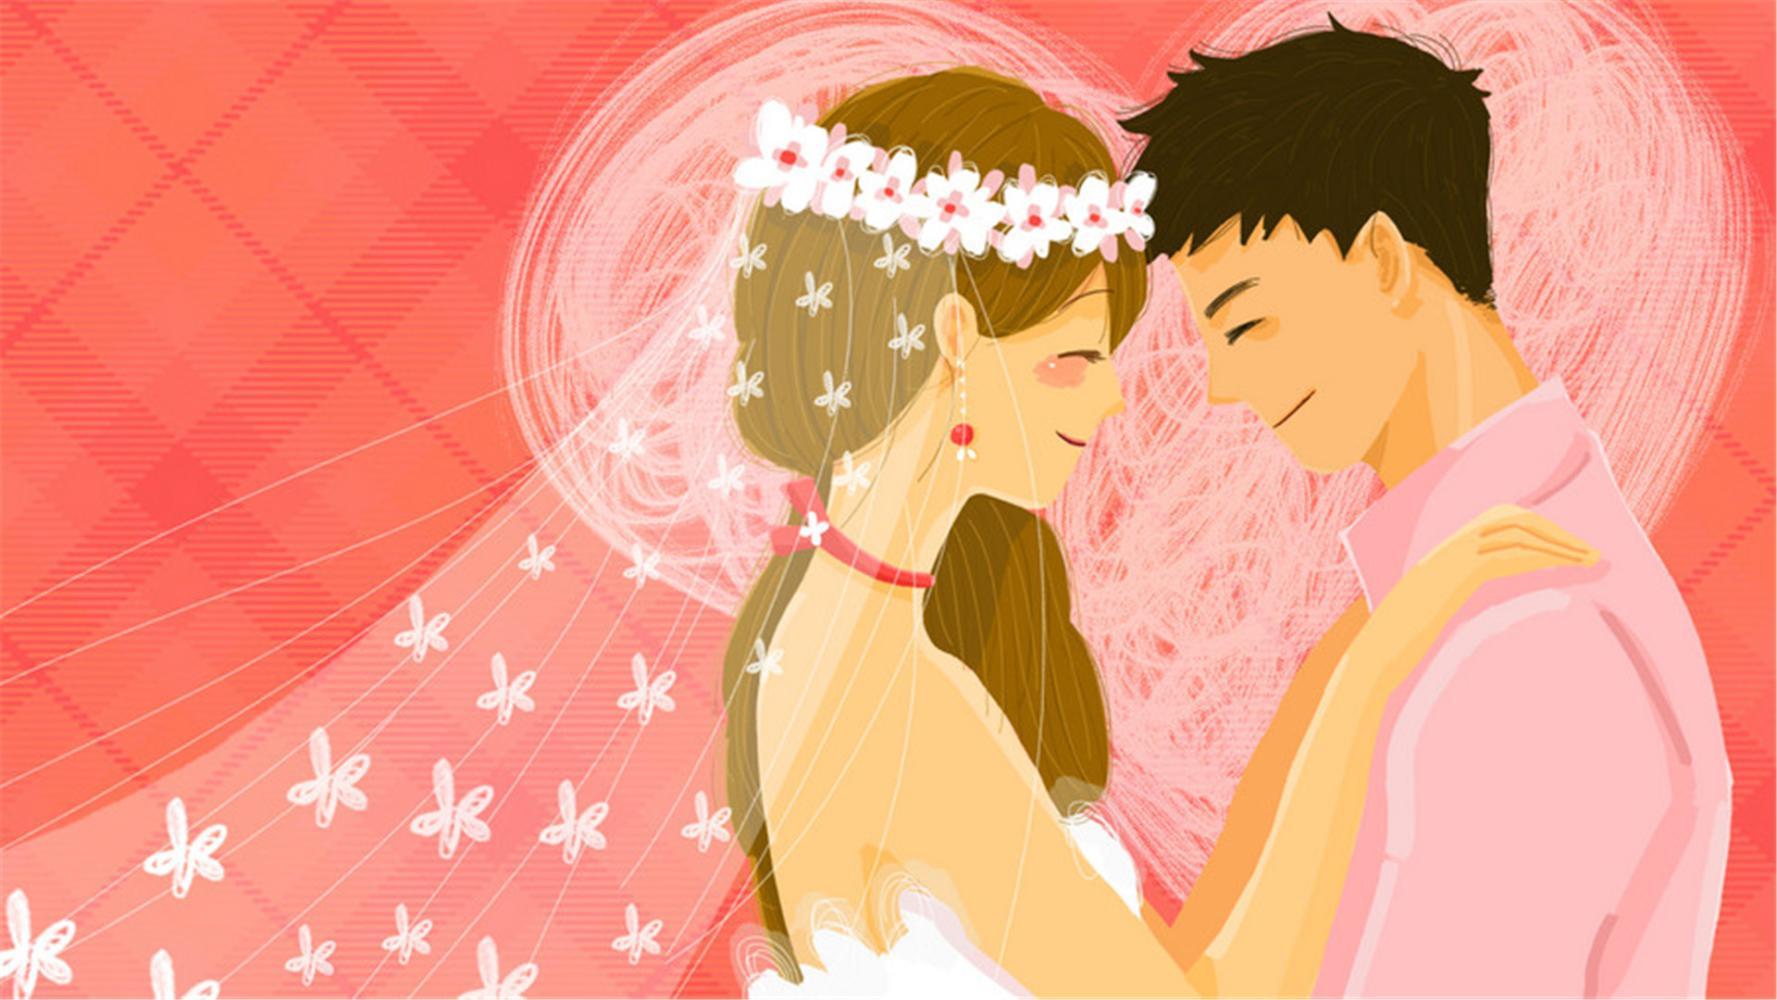 遇到真爱后, 男人在女人面前, 会有哪些表现?